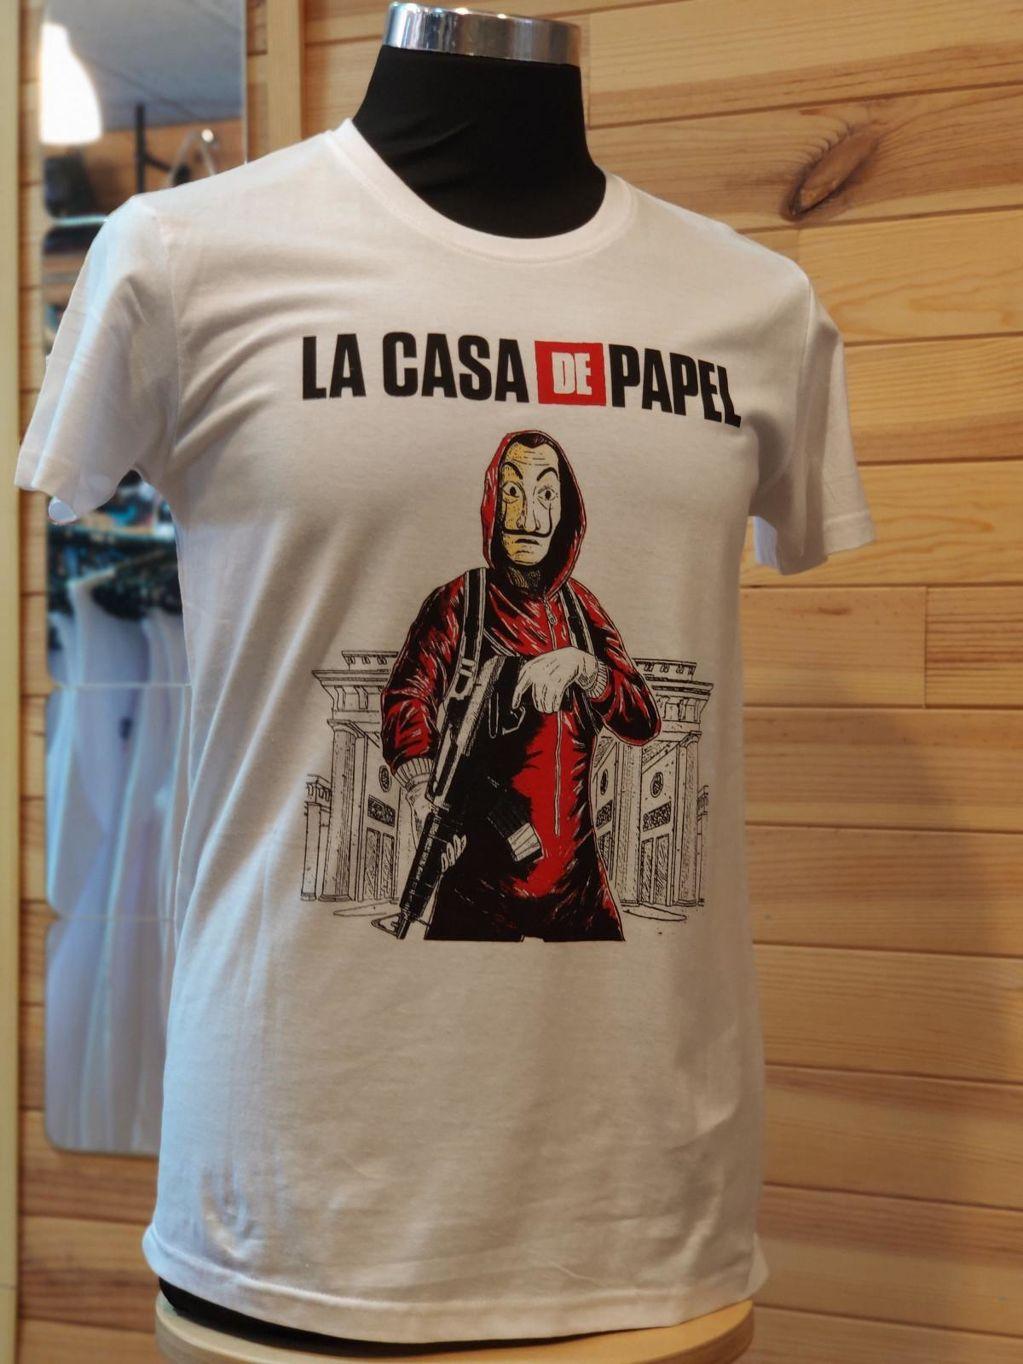 Atracador en la casa de papel - c4e10-camiseta-la-casa-de-papel-3.jpg